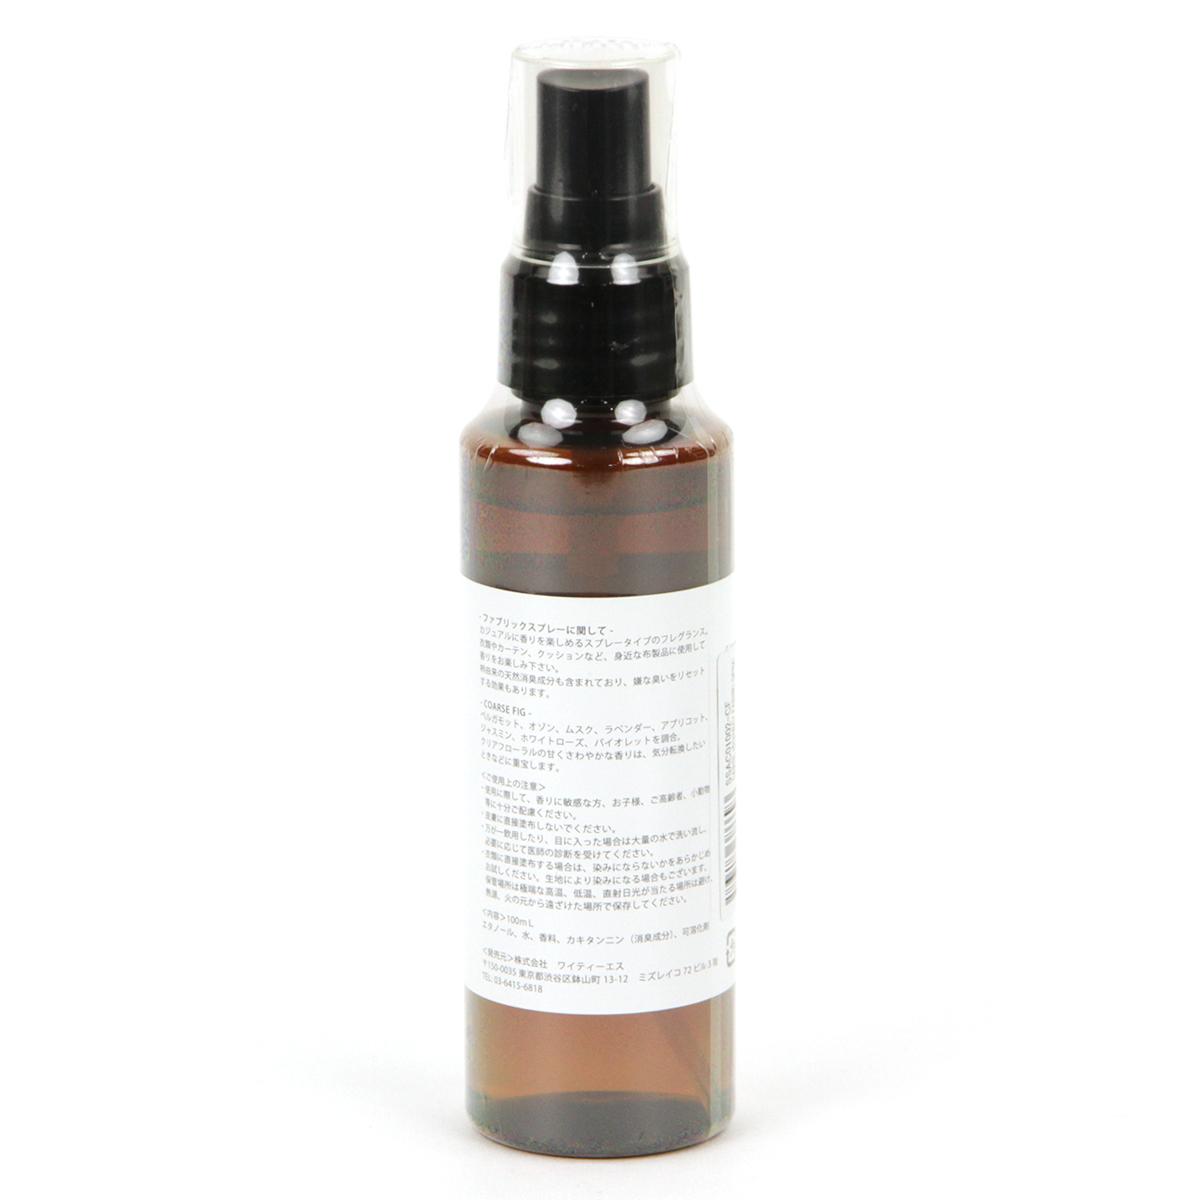 セイバー SABRE 正規販売店 香水 パフューム HIGHWAY FABRIC SPRAY 100ML COARSE FIG FREGRANCE A55B B3C C3D D0E E13F